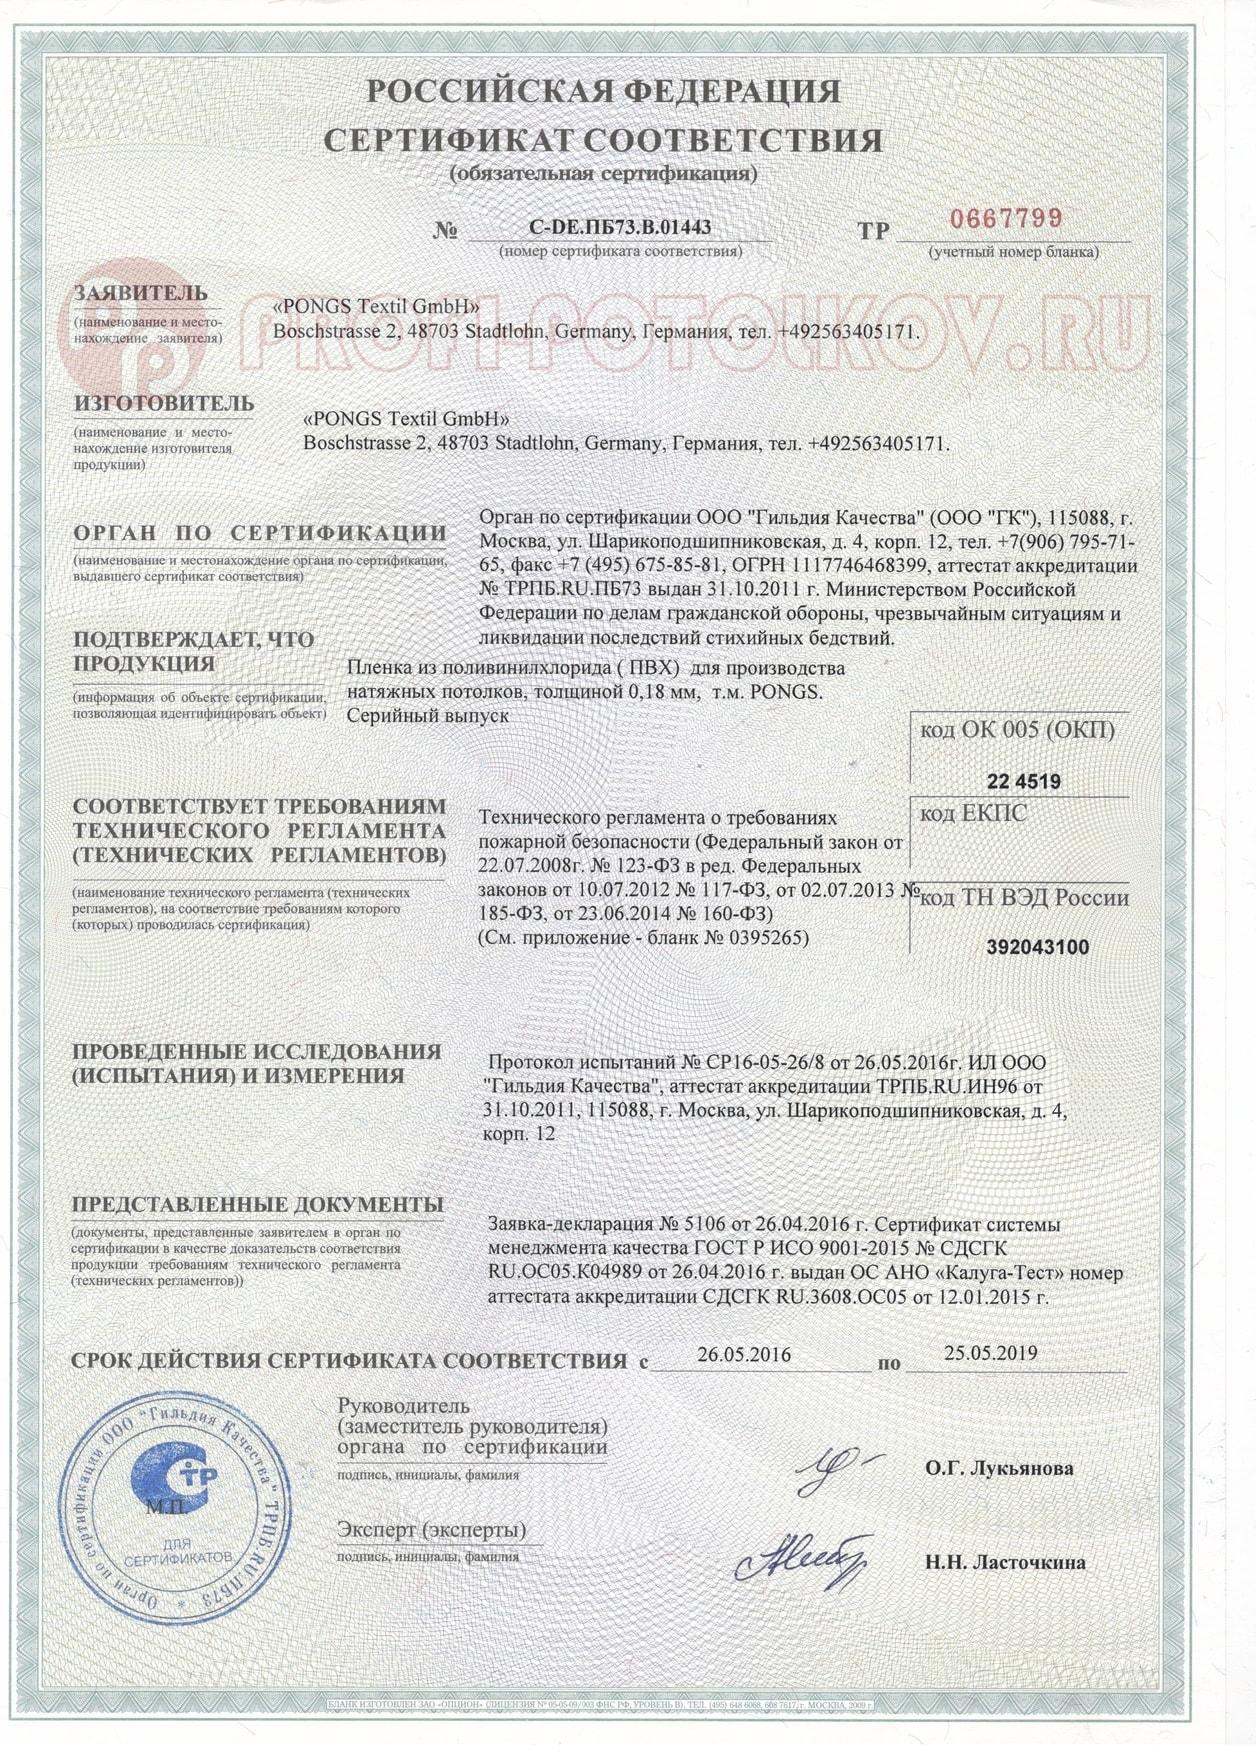 Сертификат соответствия Pongs(Германия)